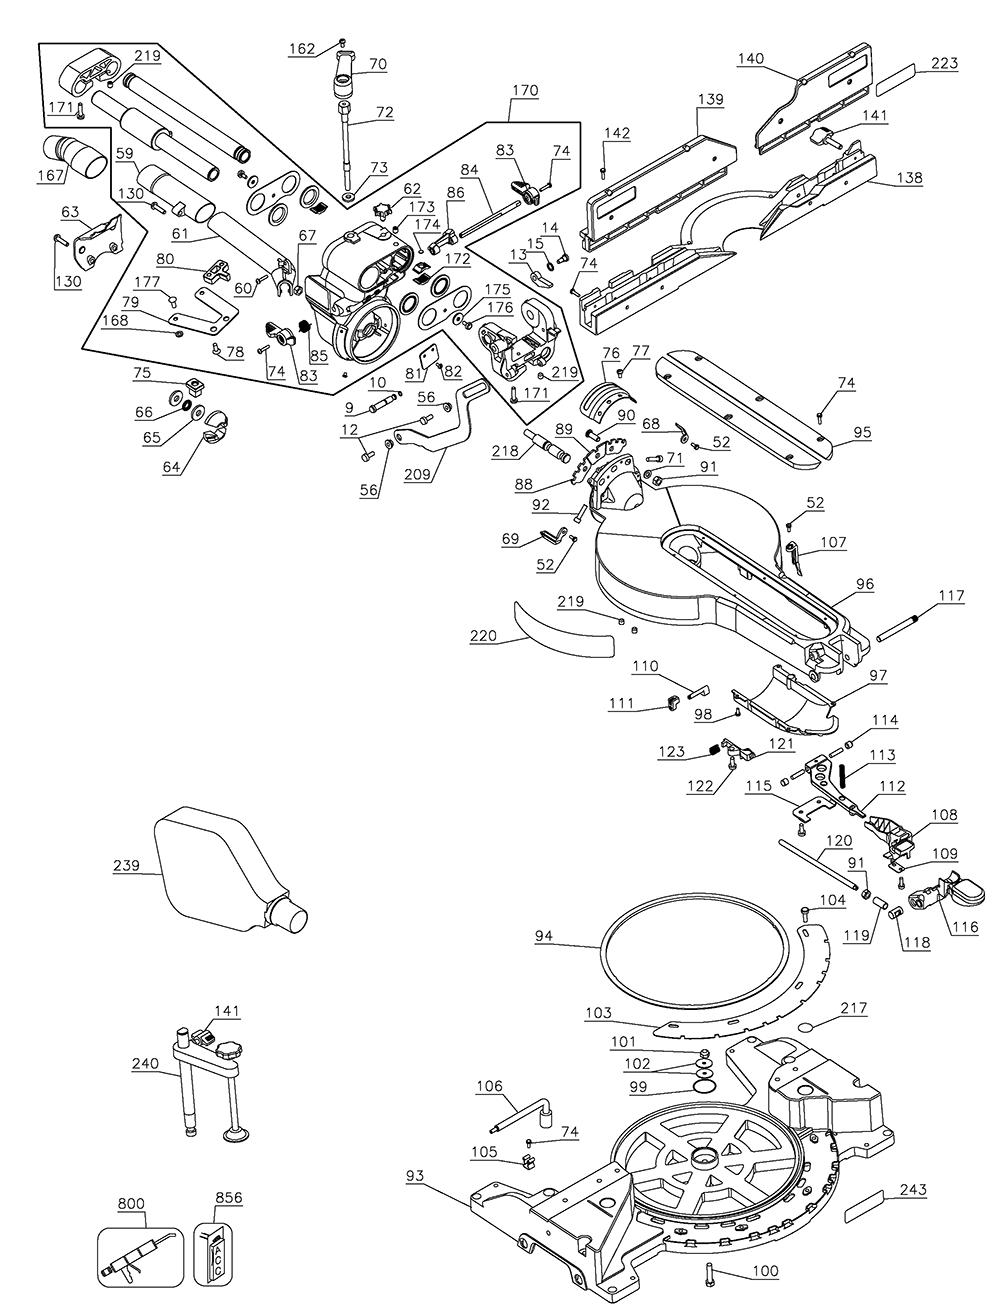 DW718-B2-Dewalt-T3-PB-1Break Down